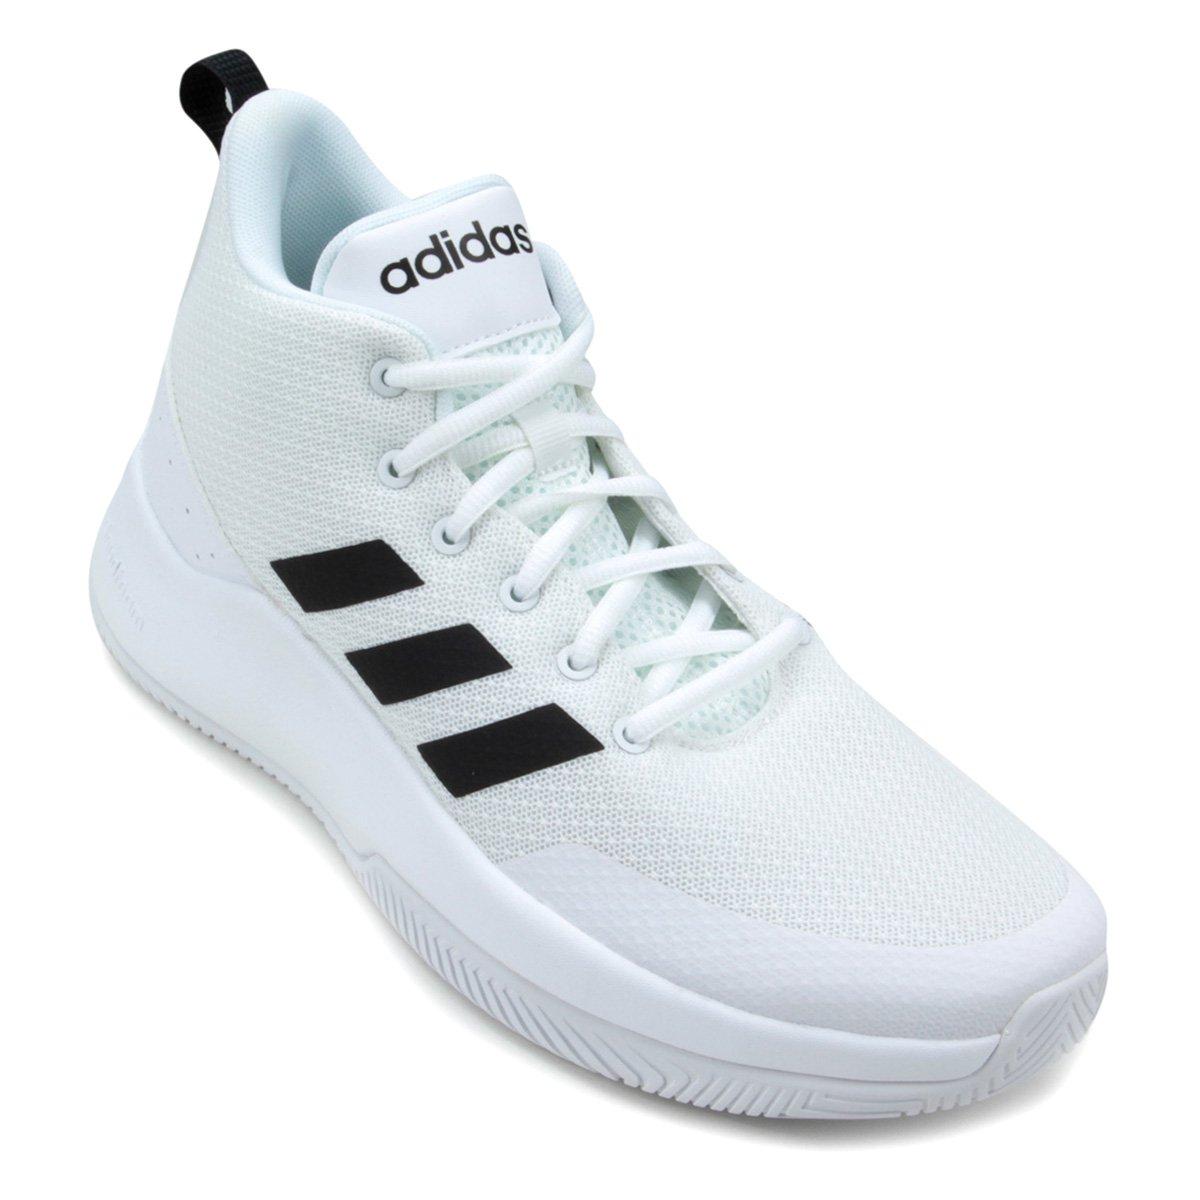 7e565040e03 Tênis Adidas Spd End2End Masculino - Branco e Preto - Compre Agora ...